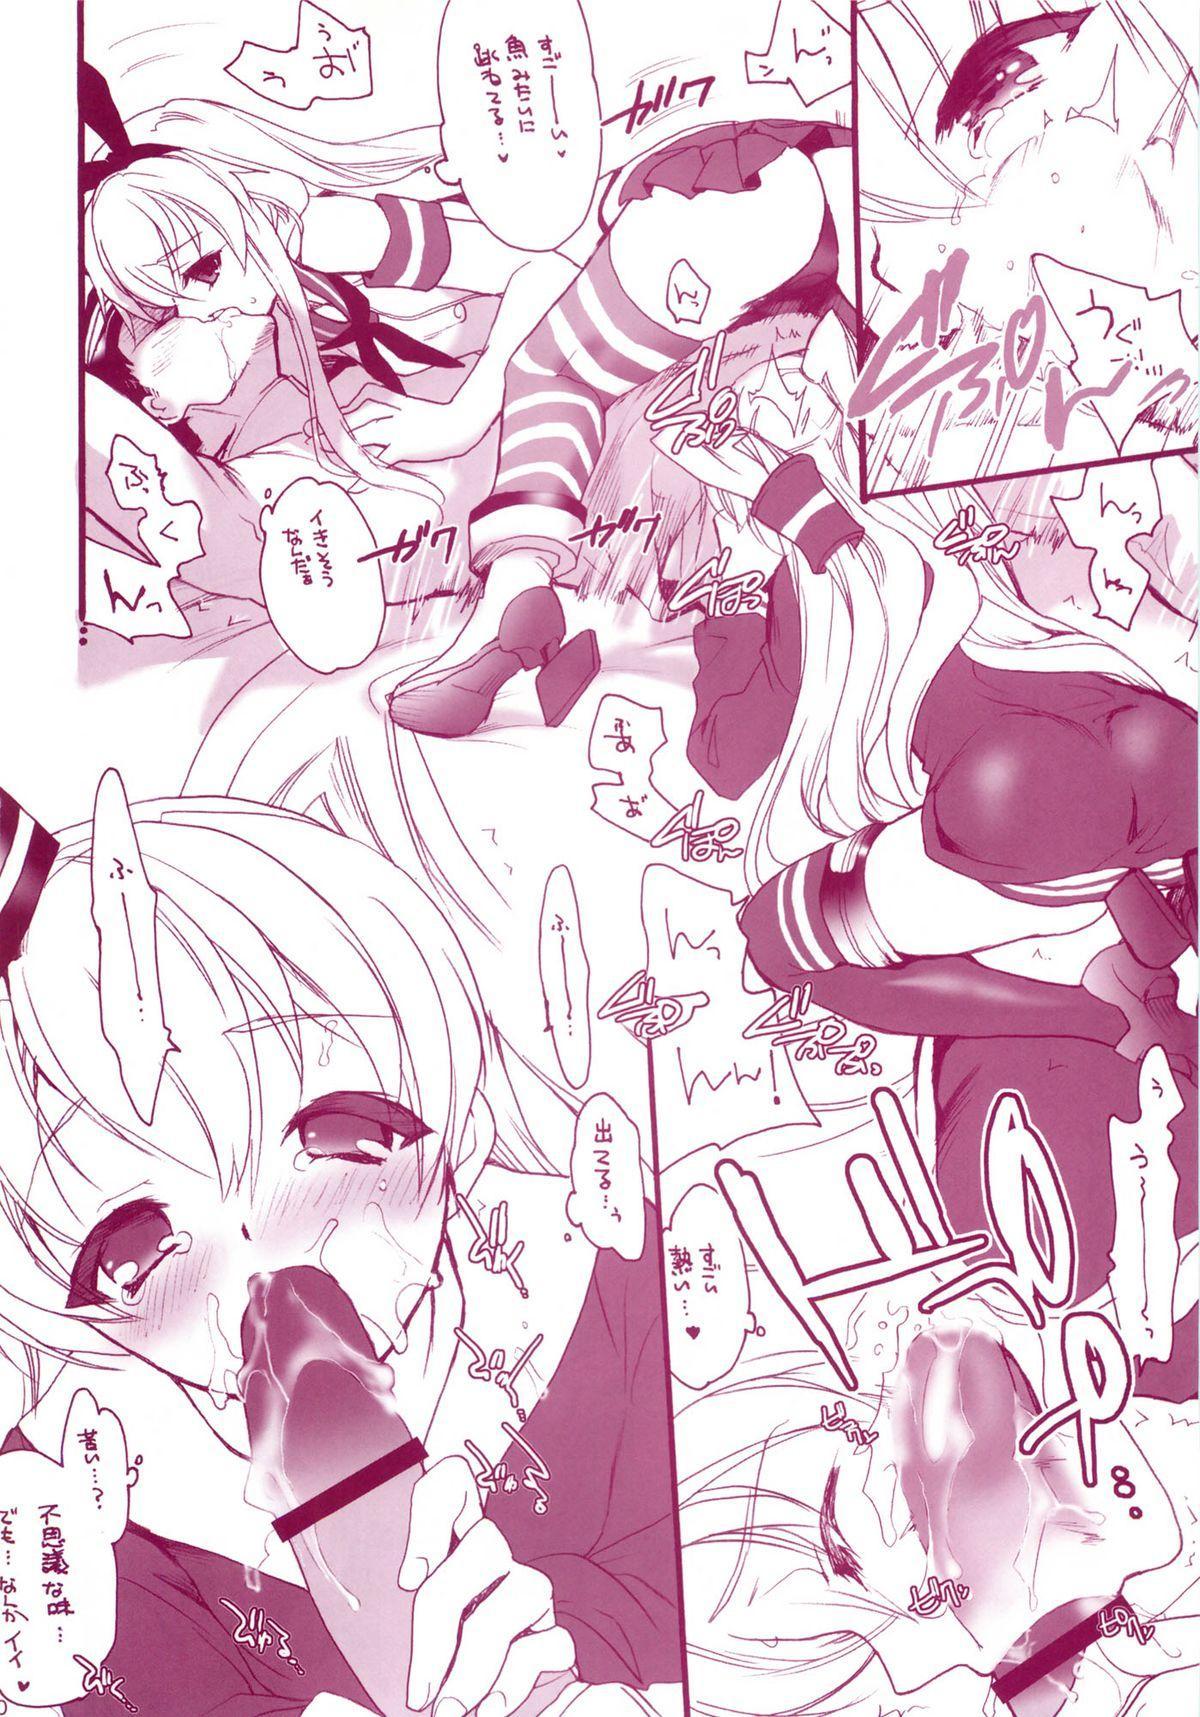 KanMusu H Colle Amatsukaze Shimakaze hen 8